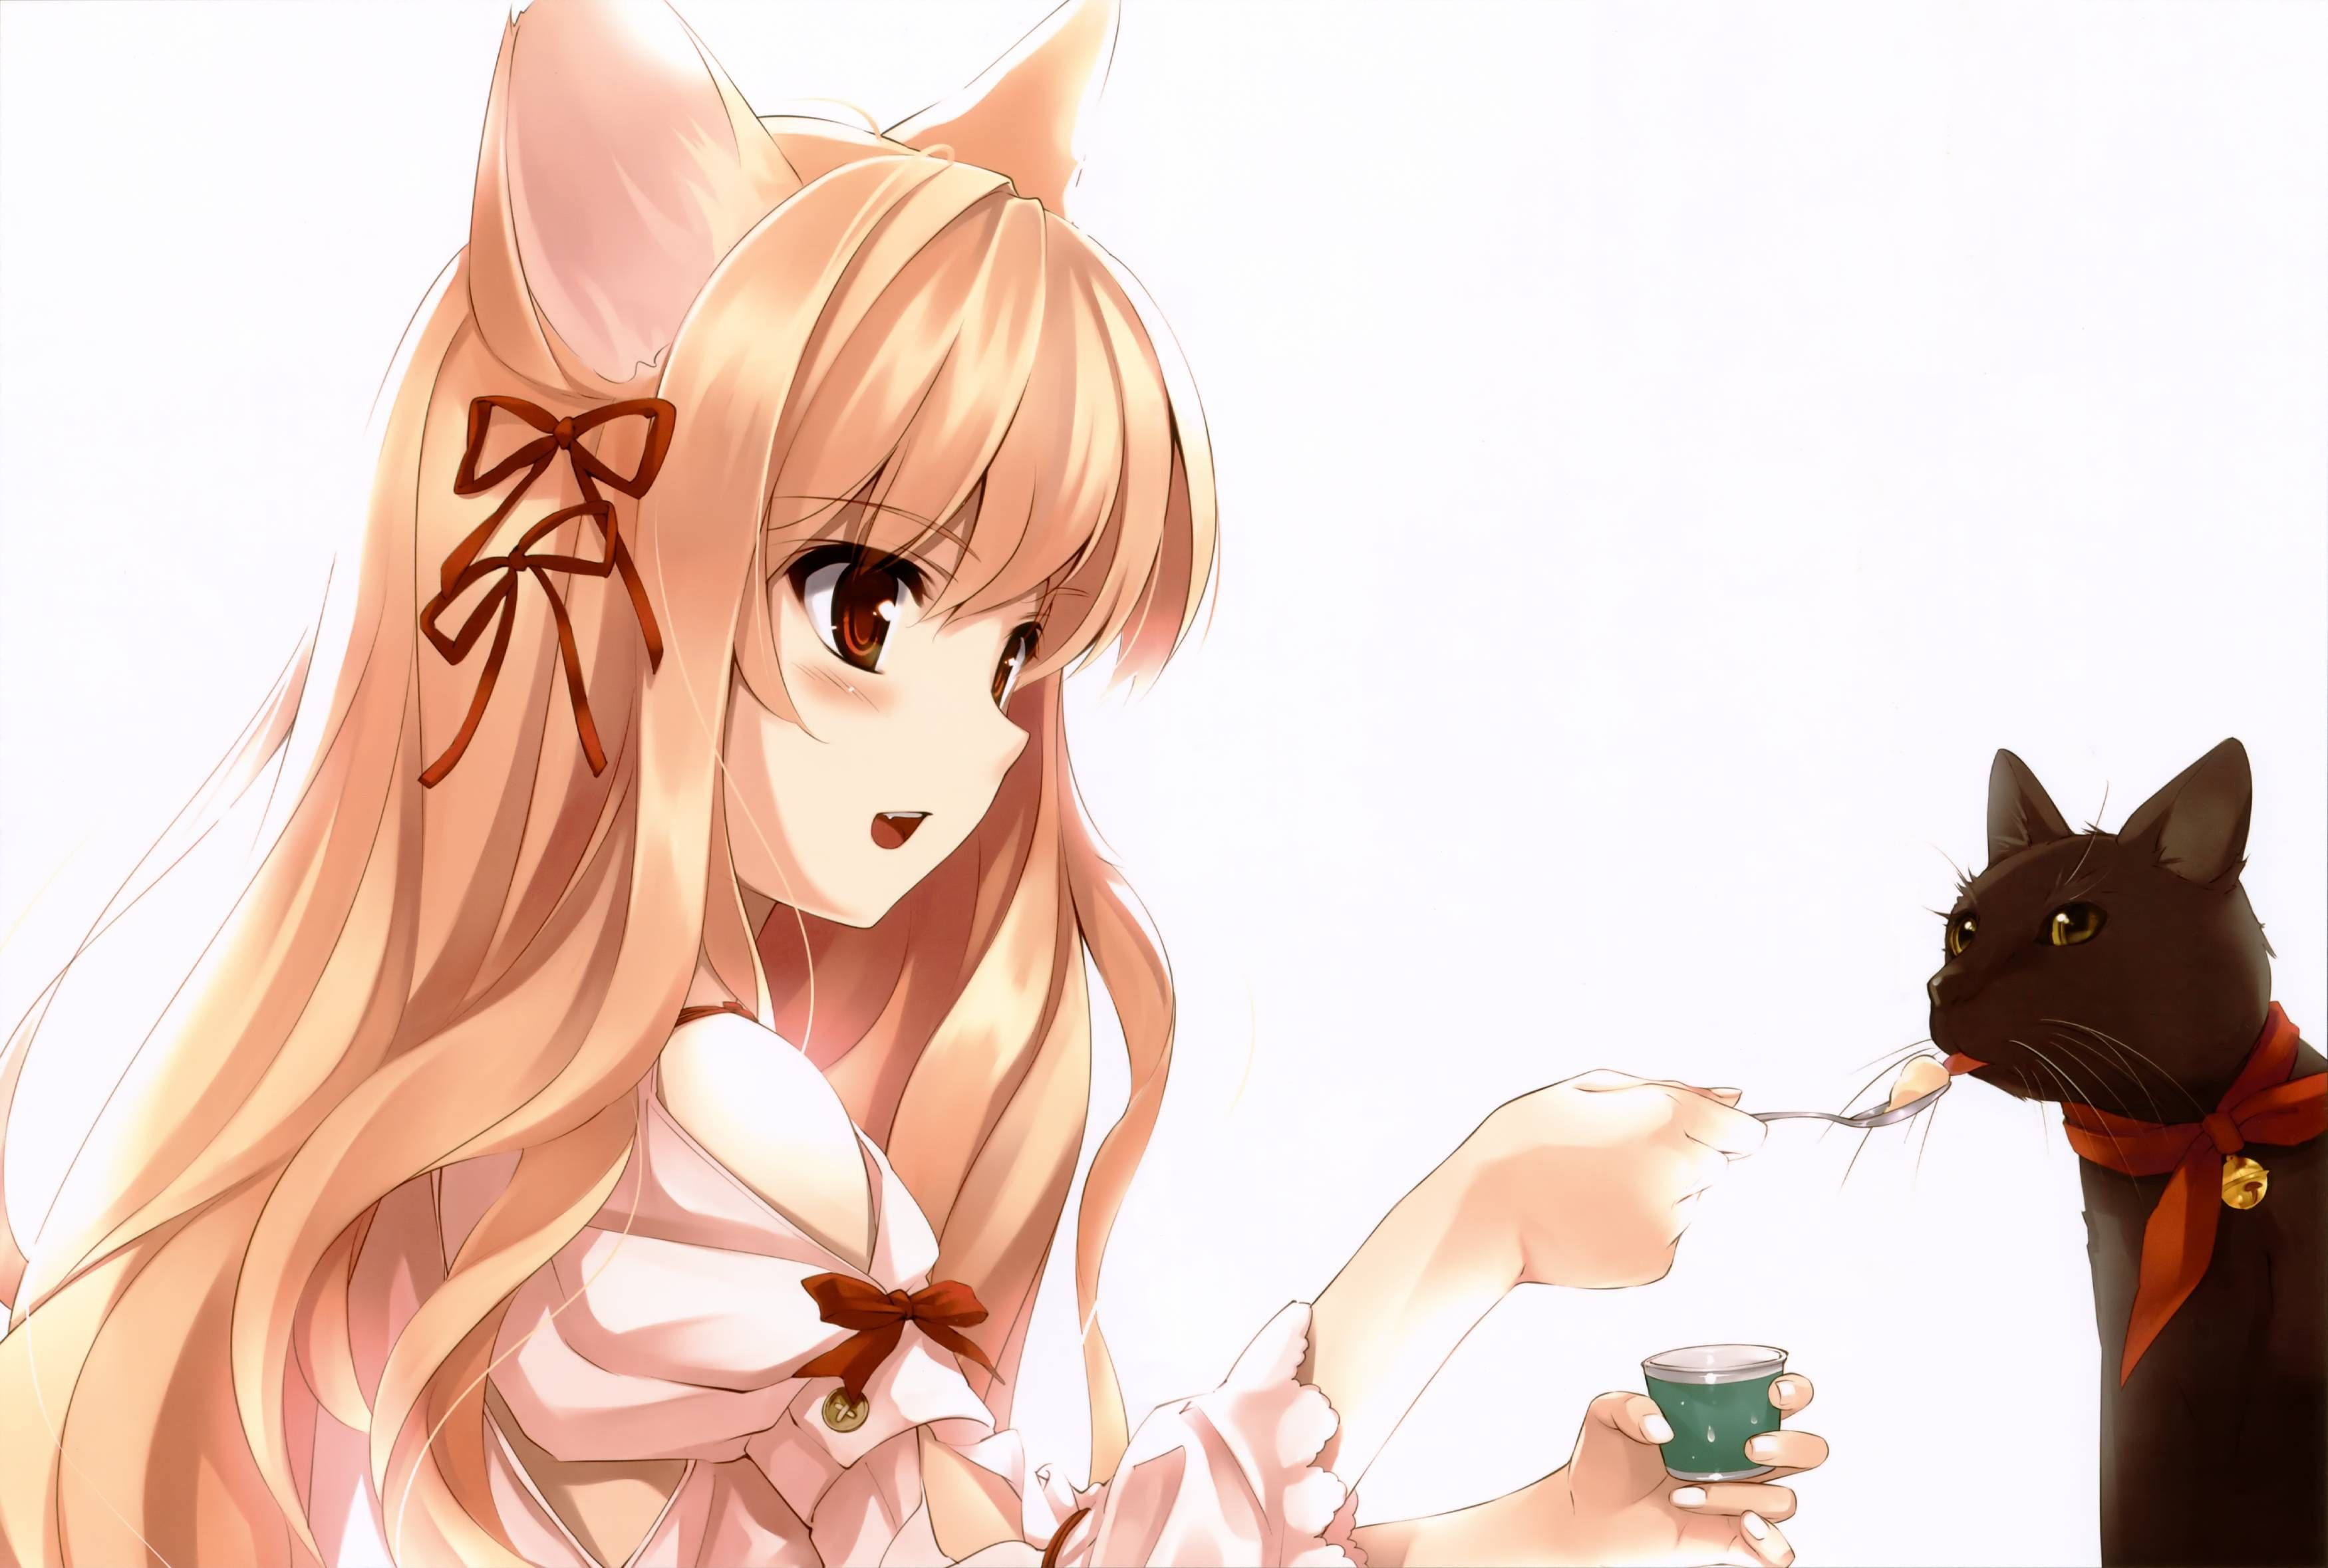 Image Result For Kawaii Anime Neko Girl Wallpaper Kawaii